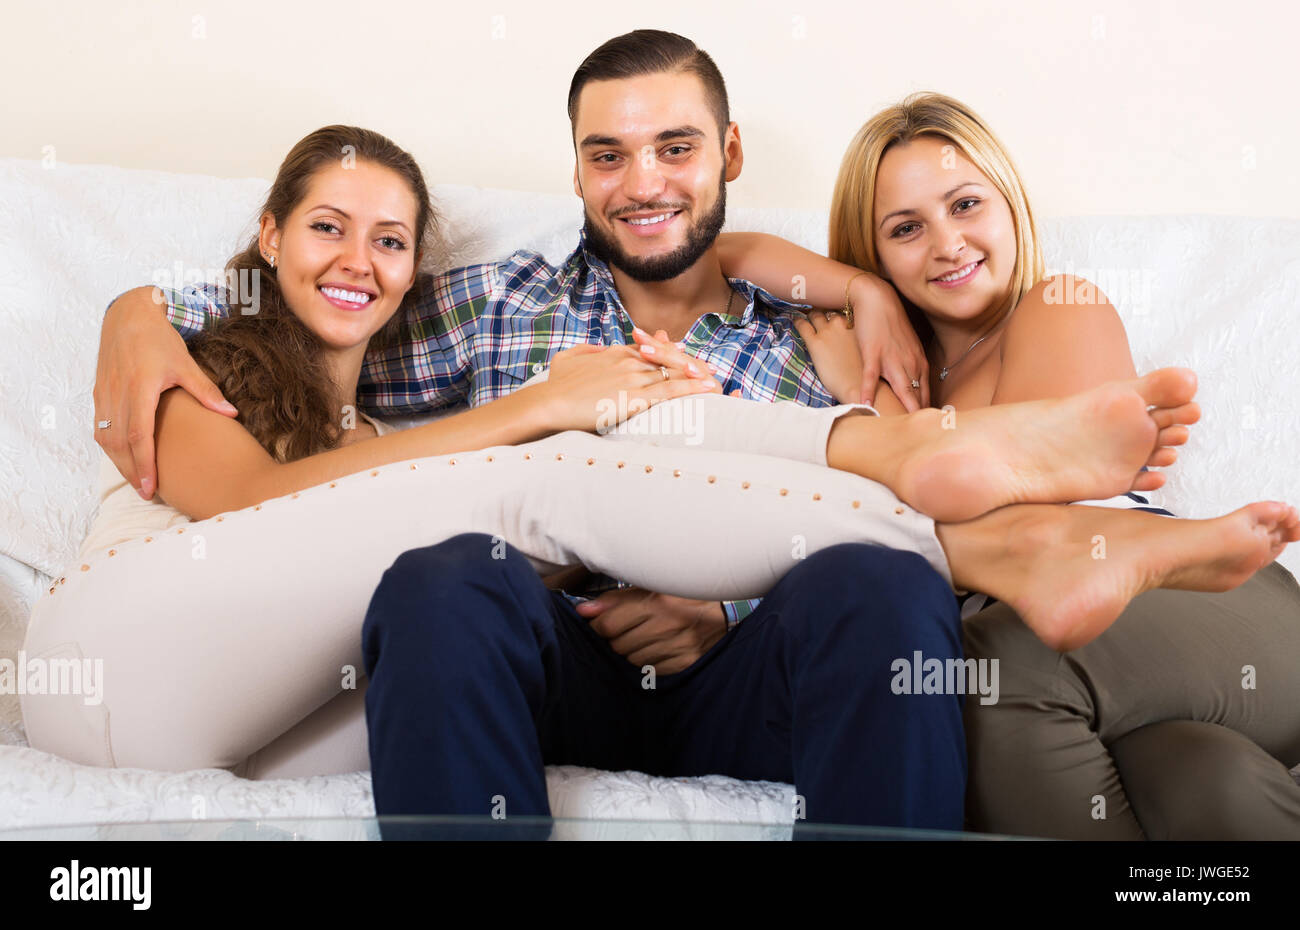 Portrait des modernen polygamen Familie mit einem Mann und zwei Frauen Stockbild